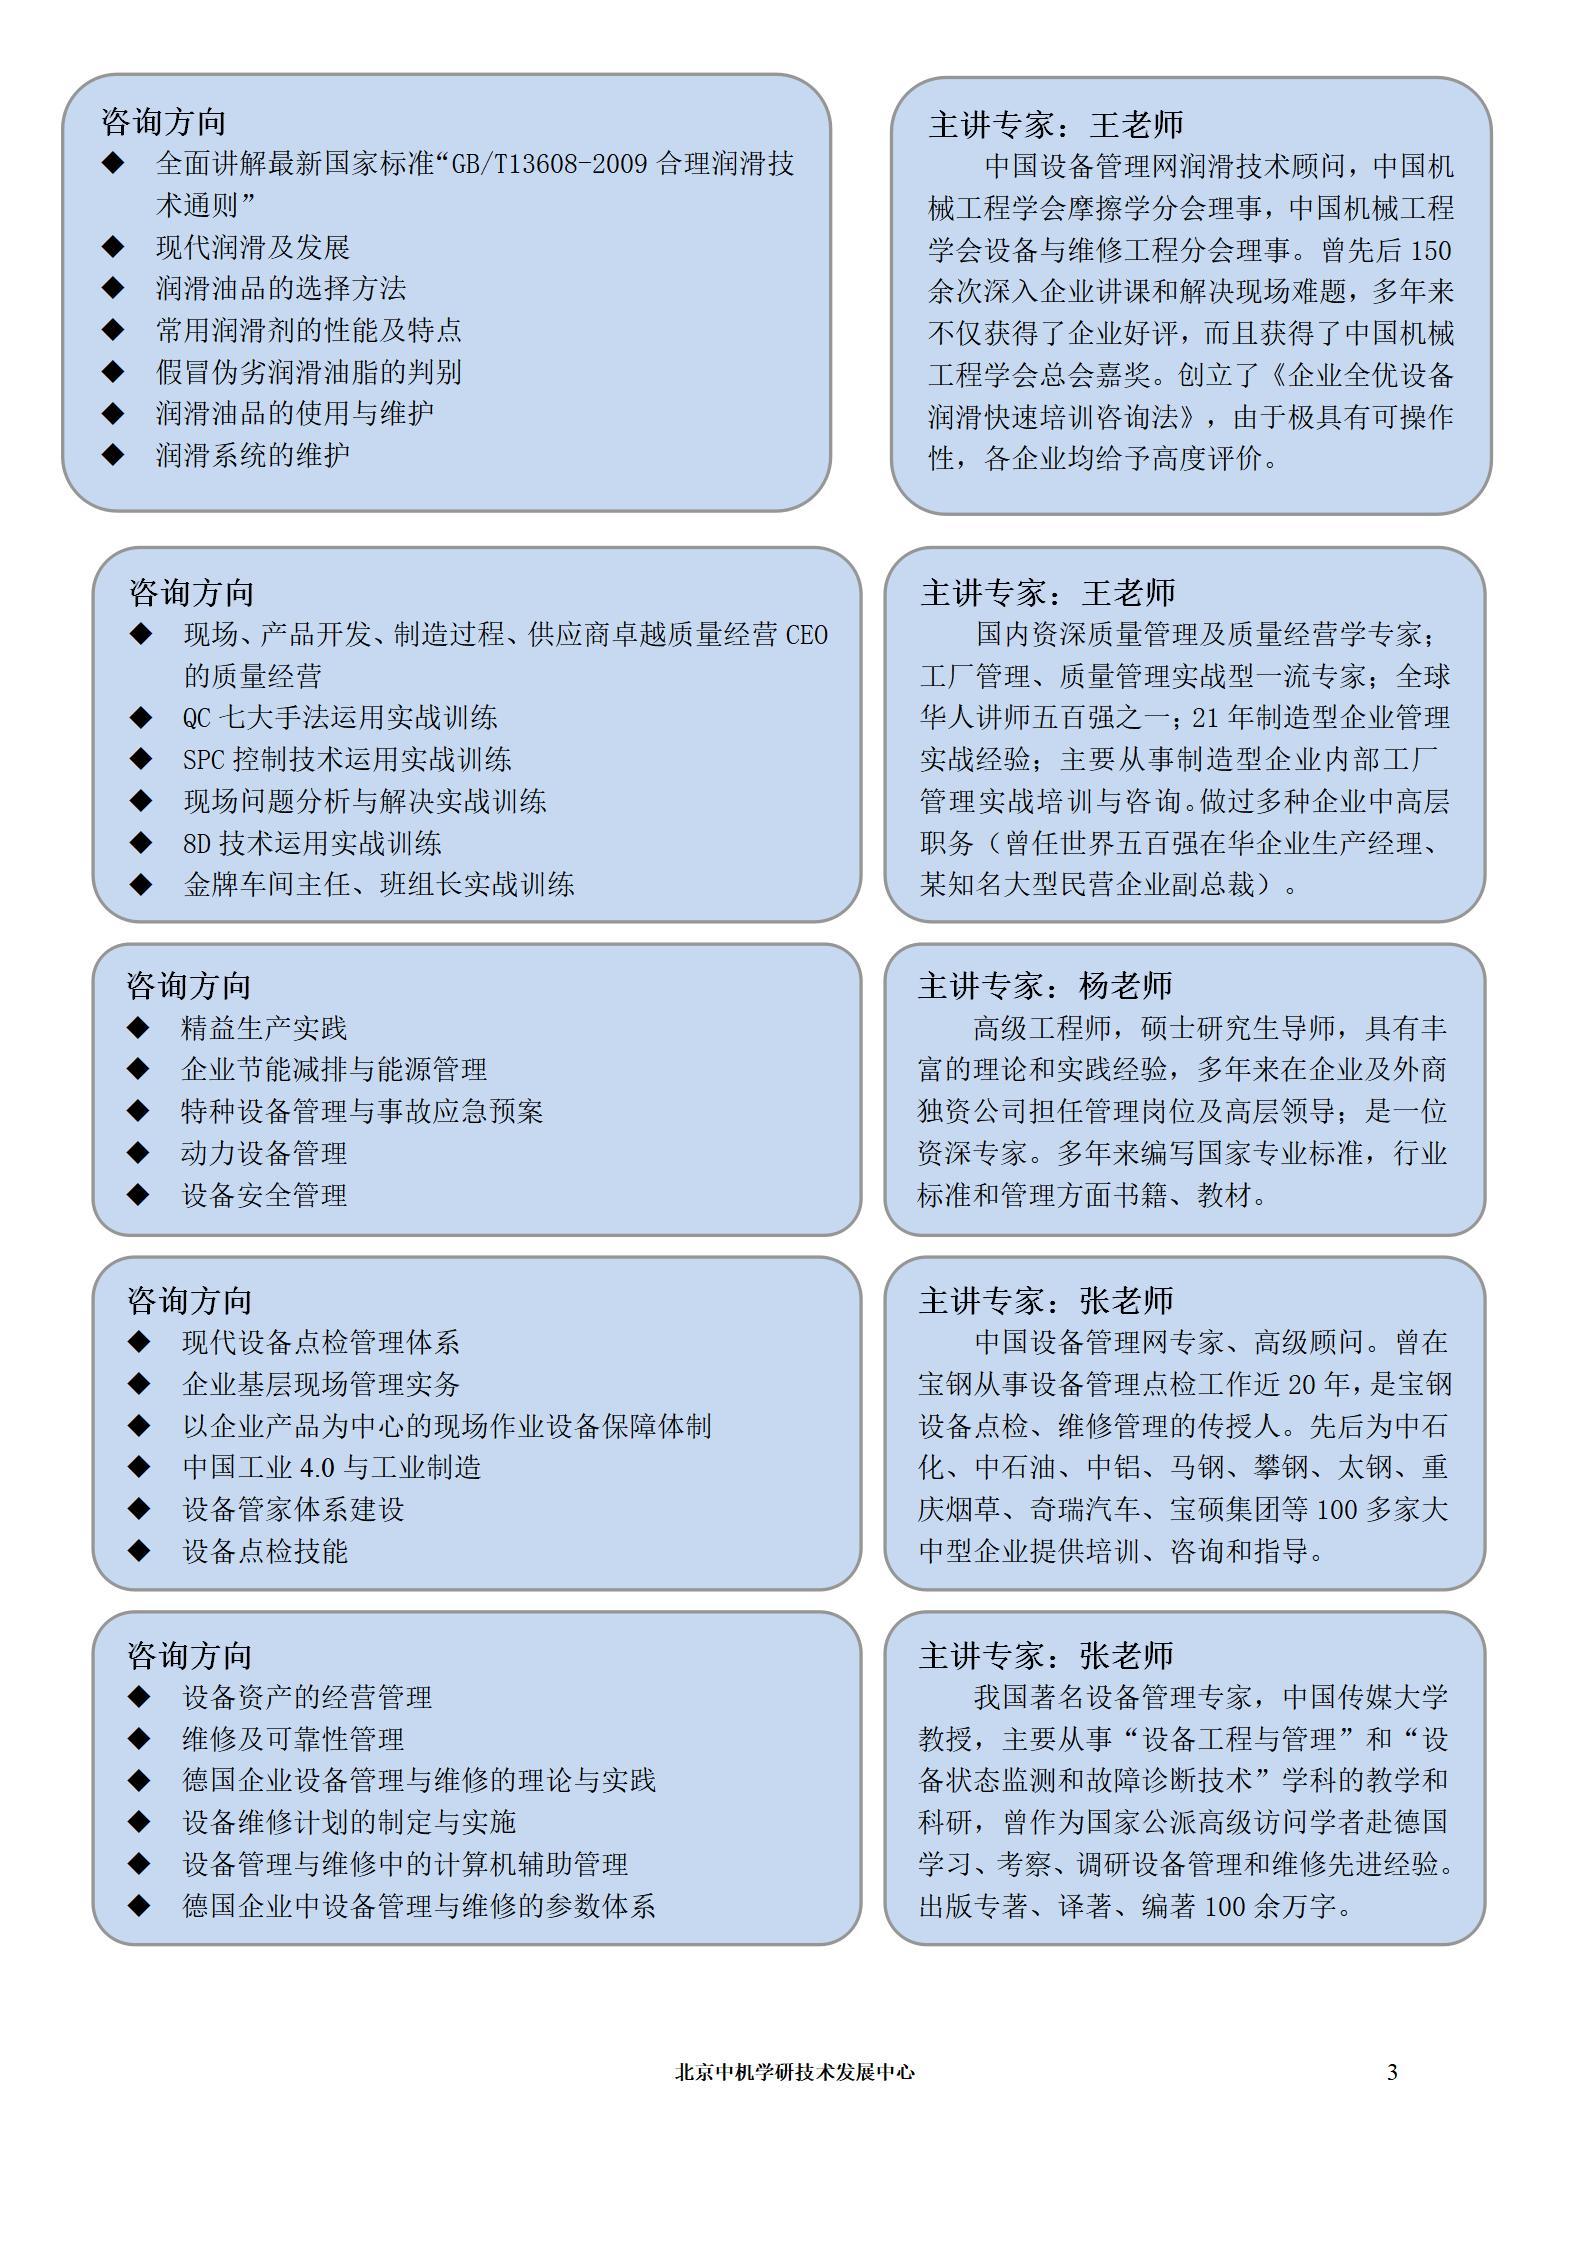 企业管理专家及培训课程推荐 (2)(1)_03.jpg